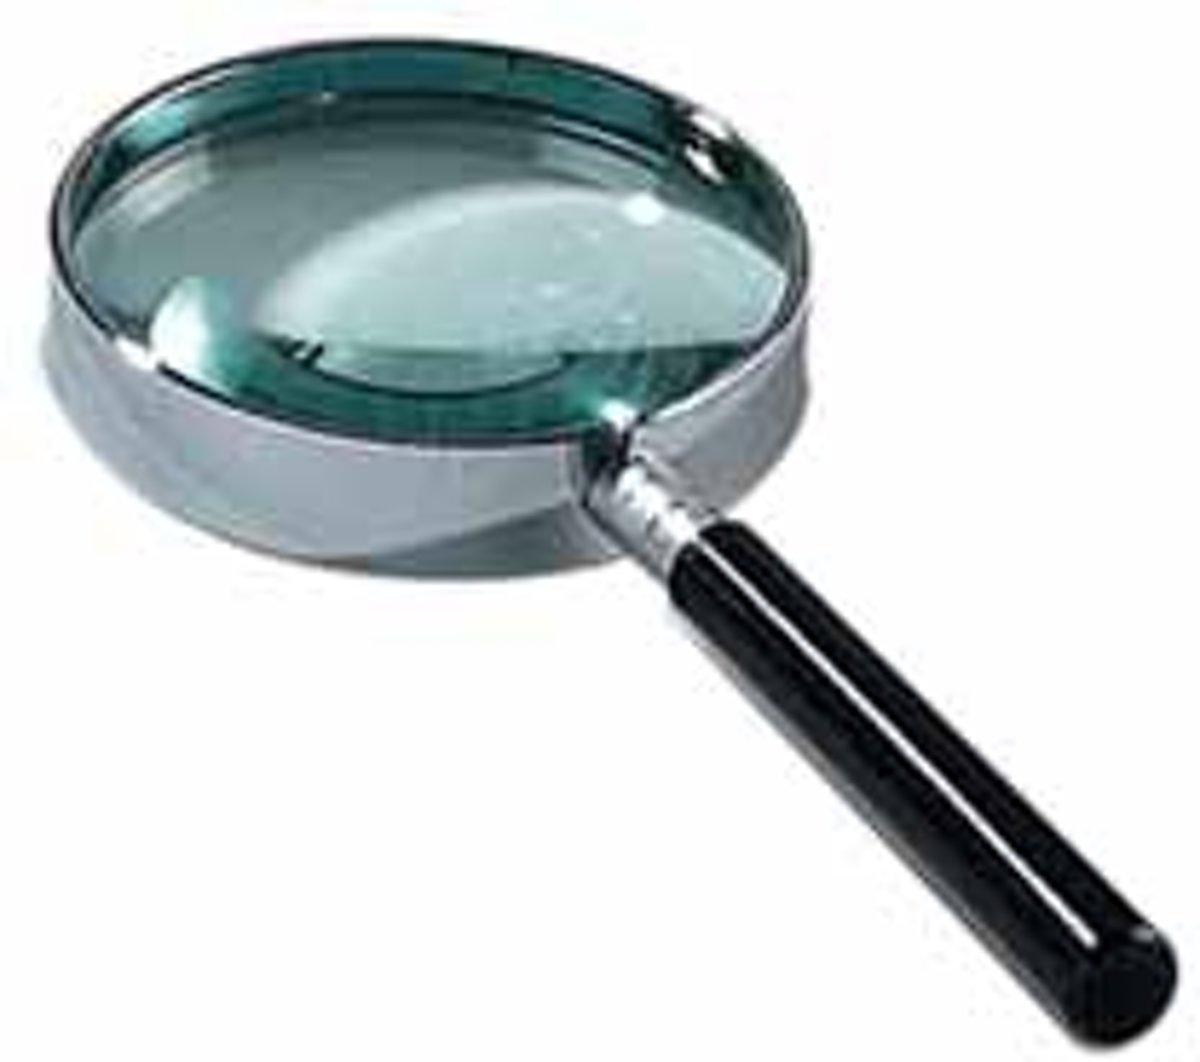 Leesloep diameter: 60 mm vergroot 6 keer op blister